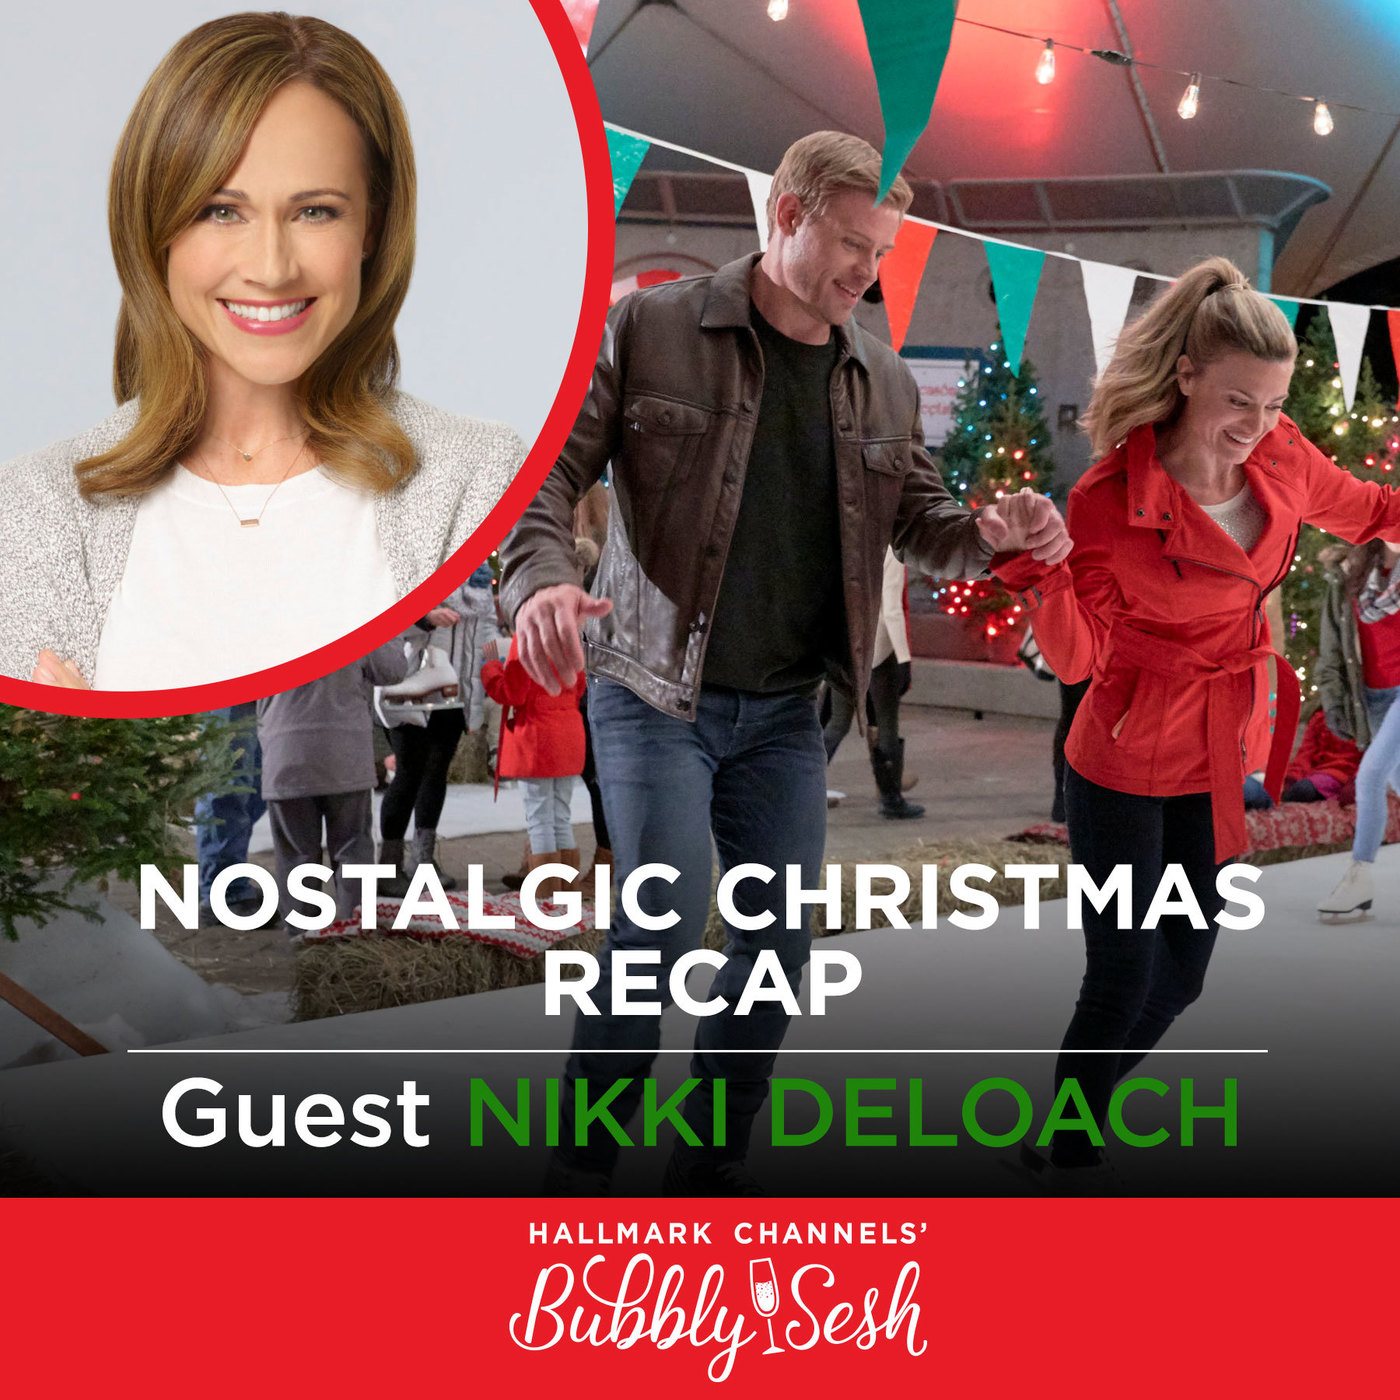 Nostalgic Christmas Recap with Guest: Nikki DeLoach